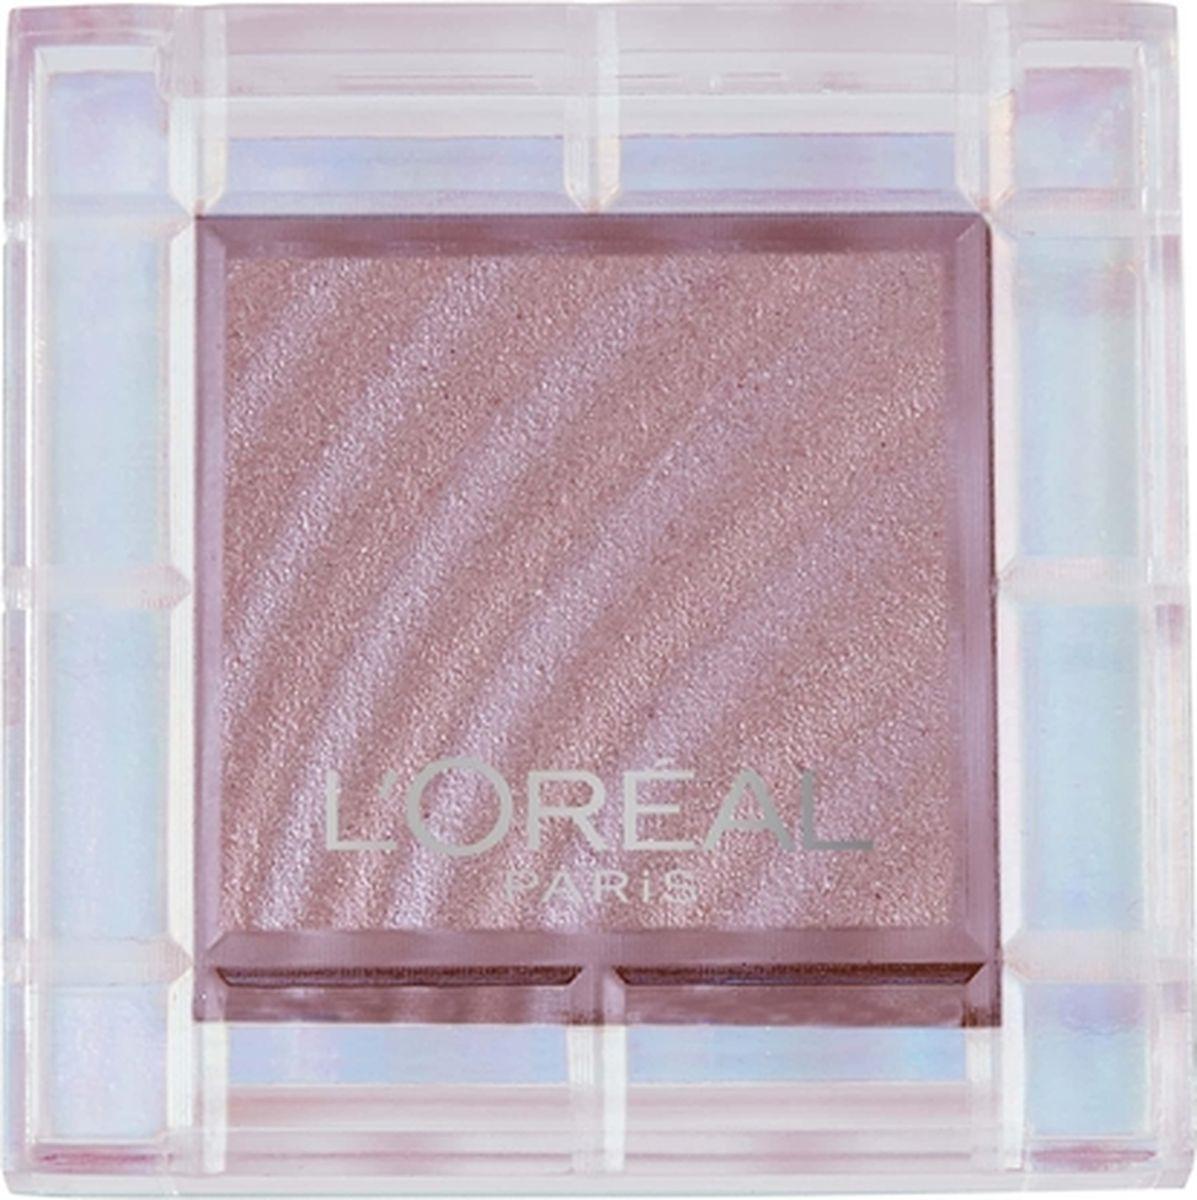 Тени для век L'Oreal Paris Color Queen, на масляной основе, тон 31, Исключительный, 4 г